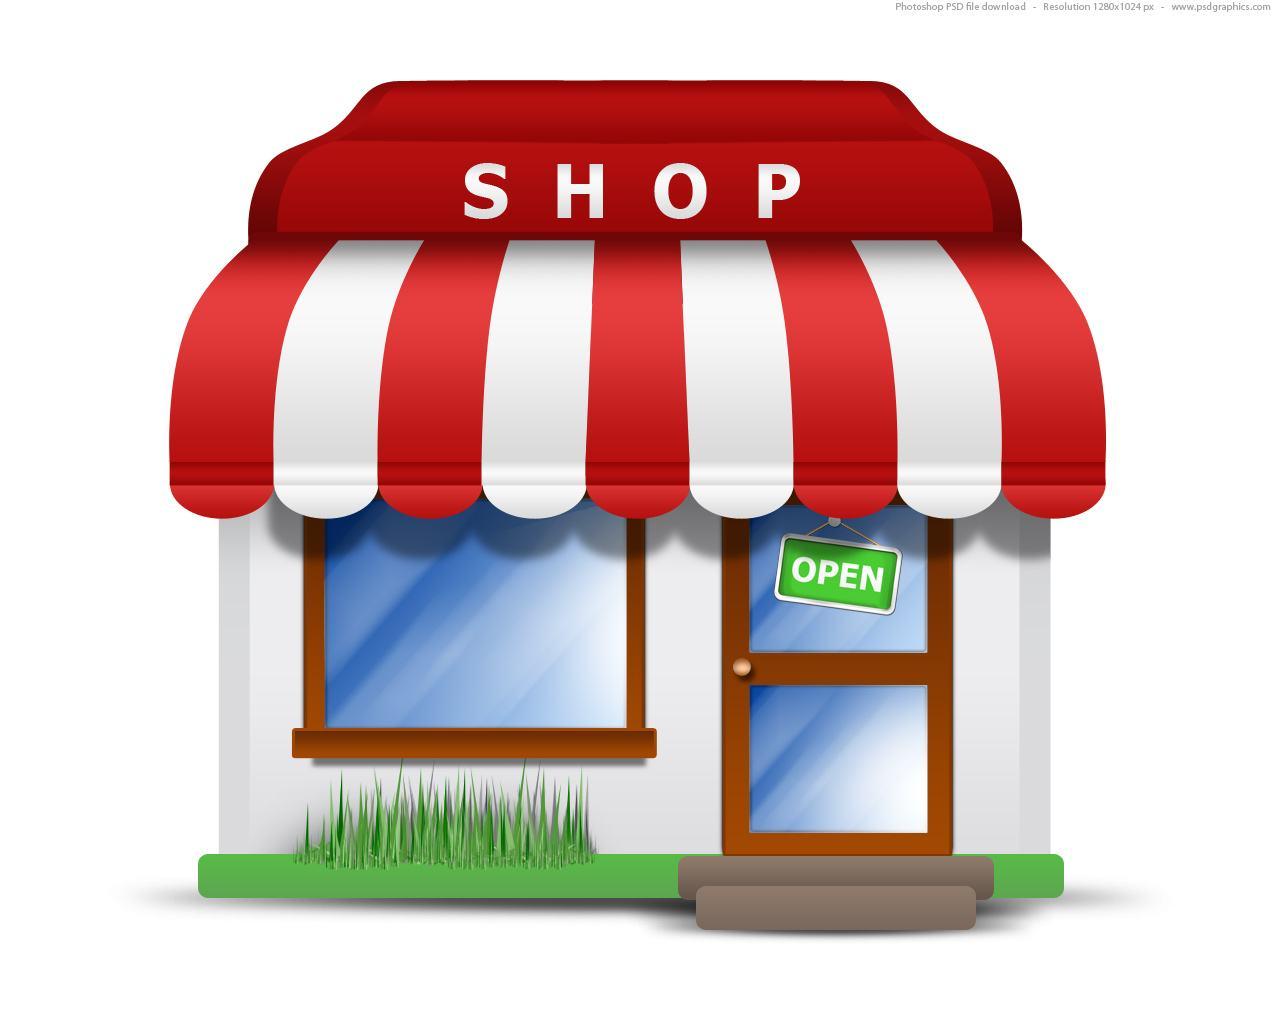 Chia Sẻ 4 Bí Quyết Kinh Doanh Buôn Hàng Xách Tay Cho Các Mẹ - image market-store-icon on https://www.atpsoftware.vn